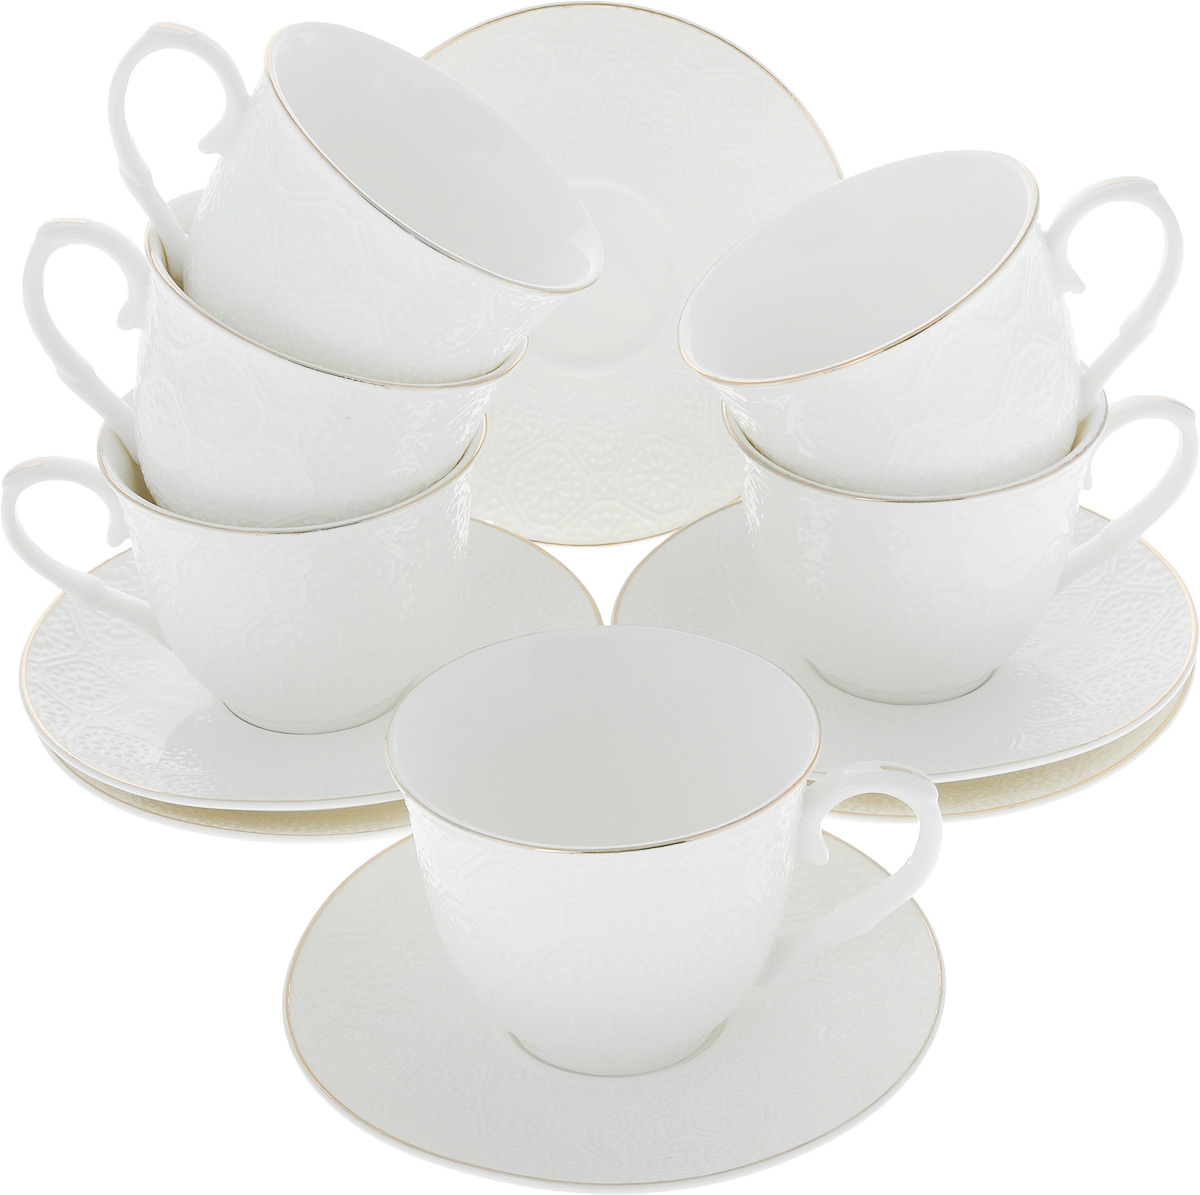 Сервиз чайный Loraine, 12 предметов. 26505 сервиз чайный loraine на подставке 13 предметов 43285